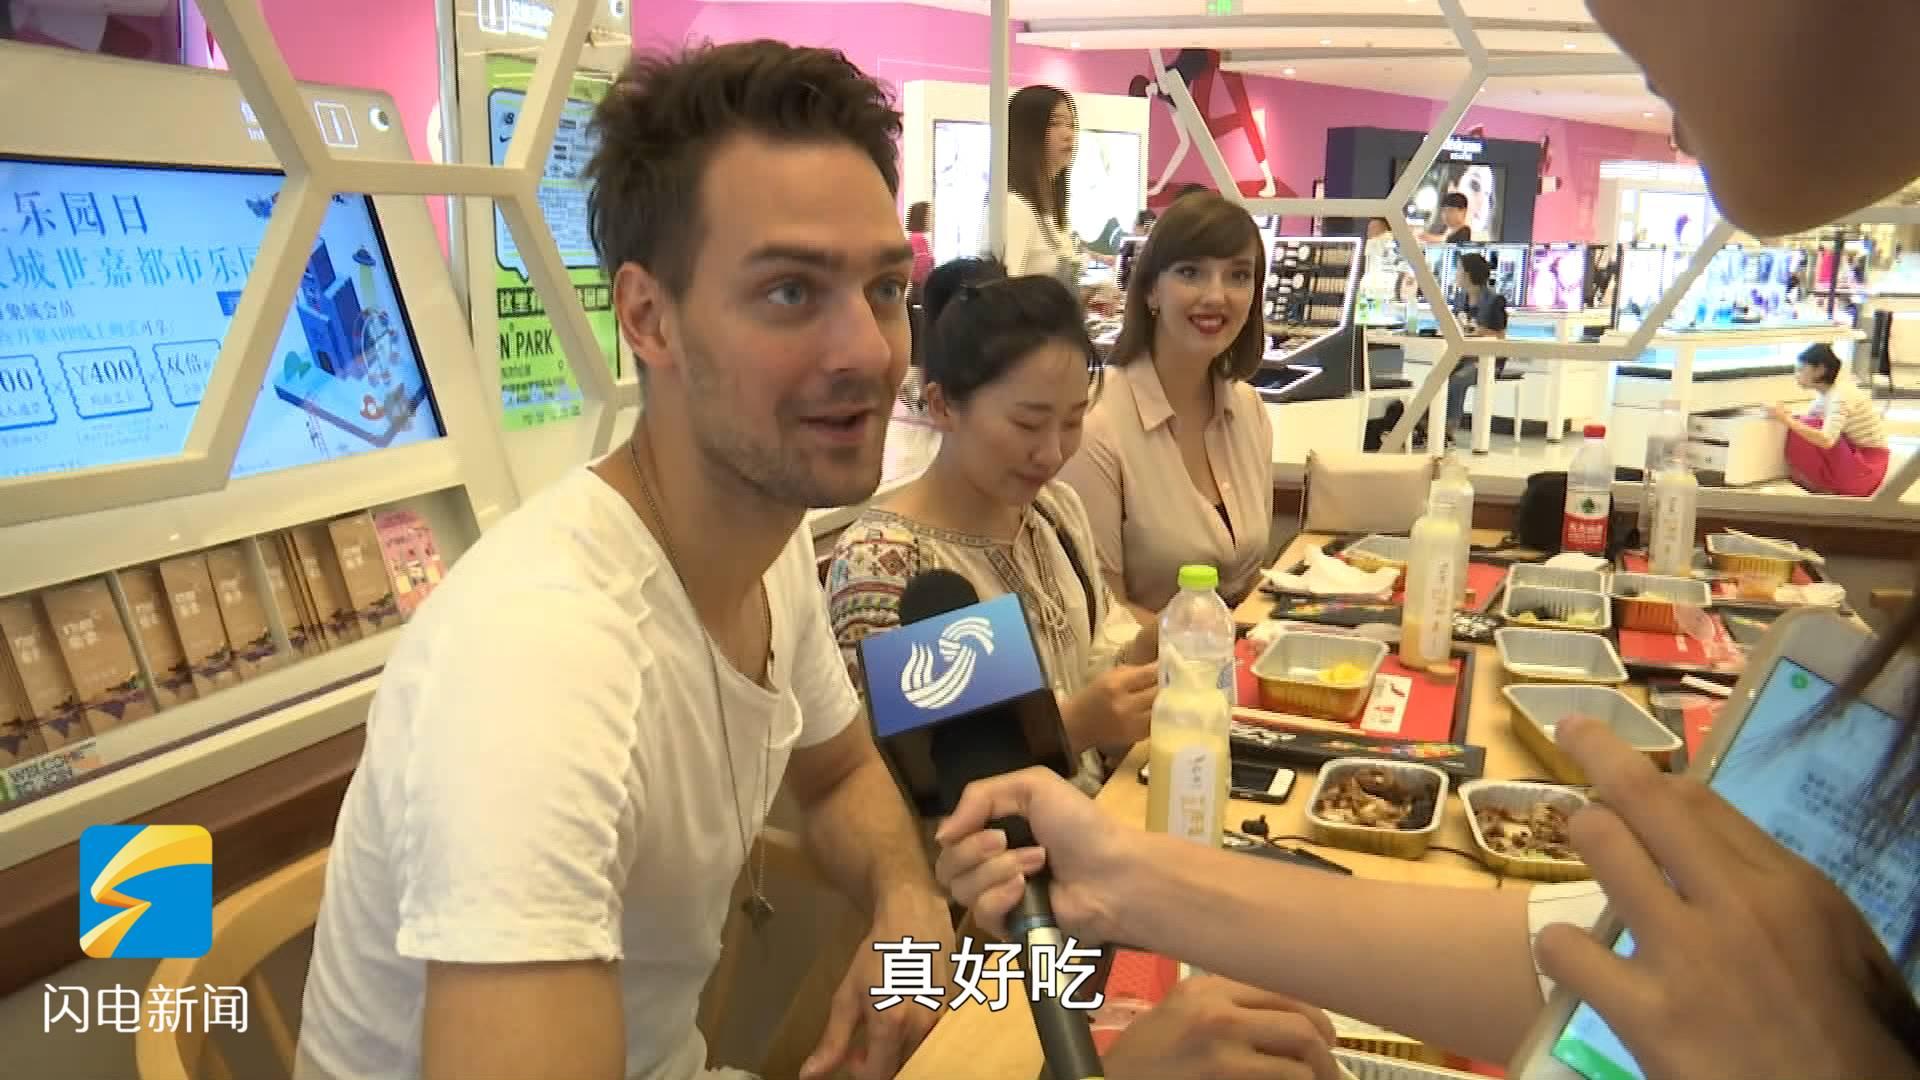 40秒丨青岛首家无人餐厅开业:办公室点餐 密码柜里找美食